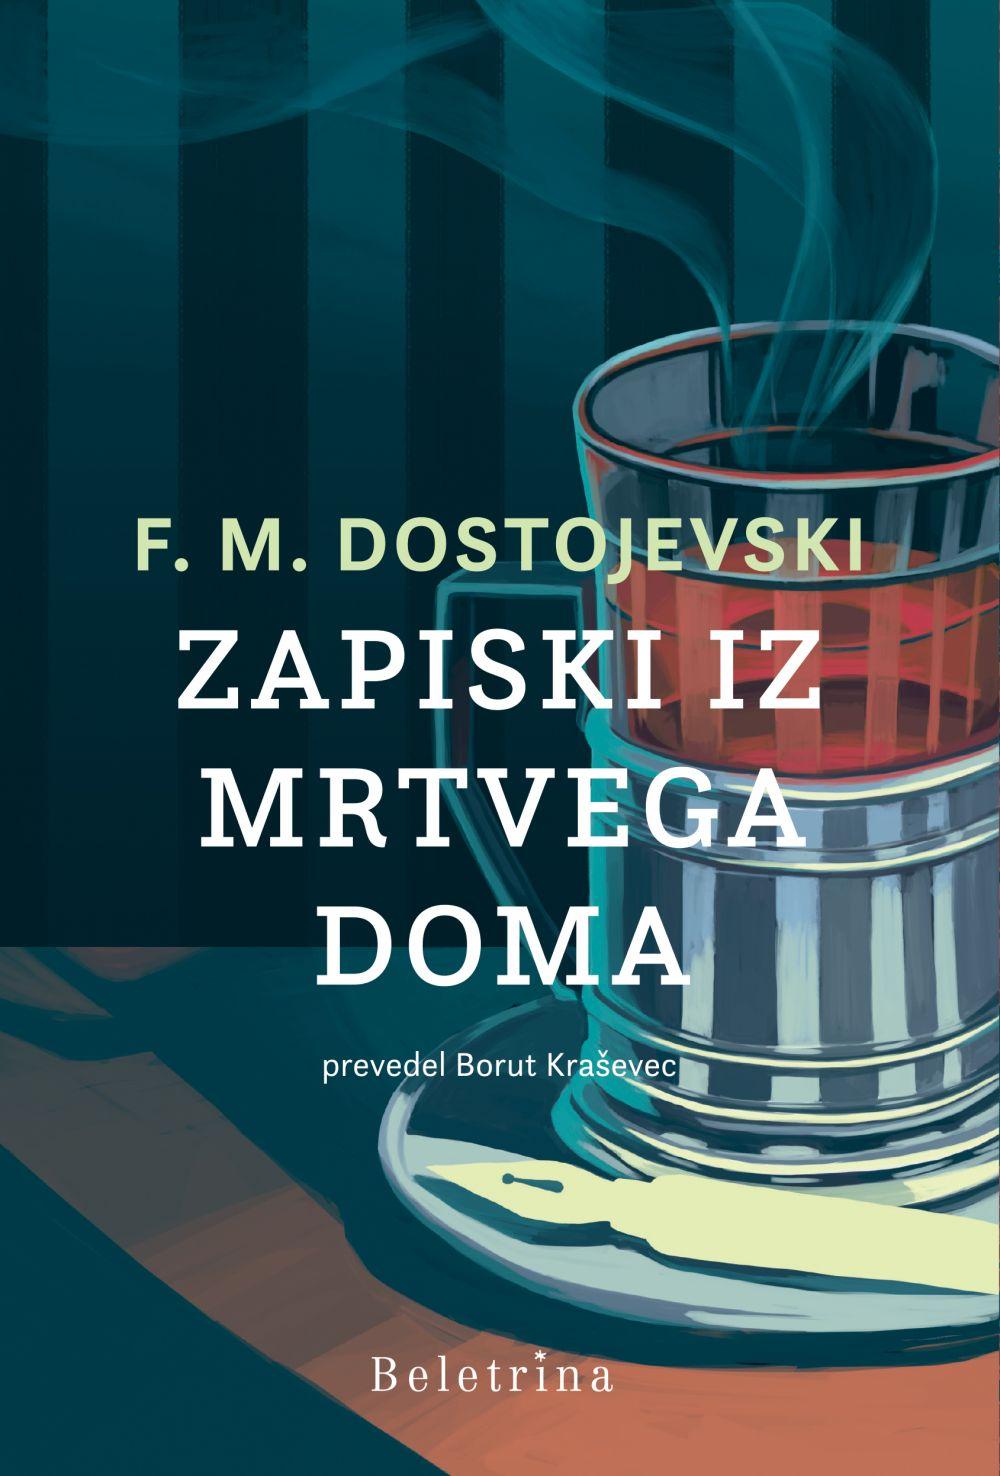 Fjodor M. Dostojevski: Zapiski iz mrtvega doma